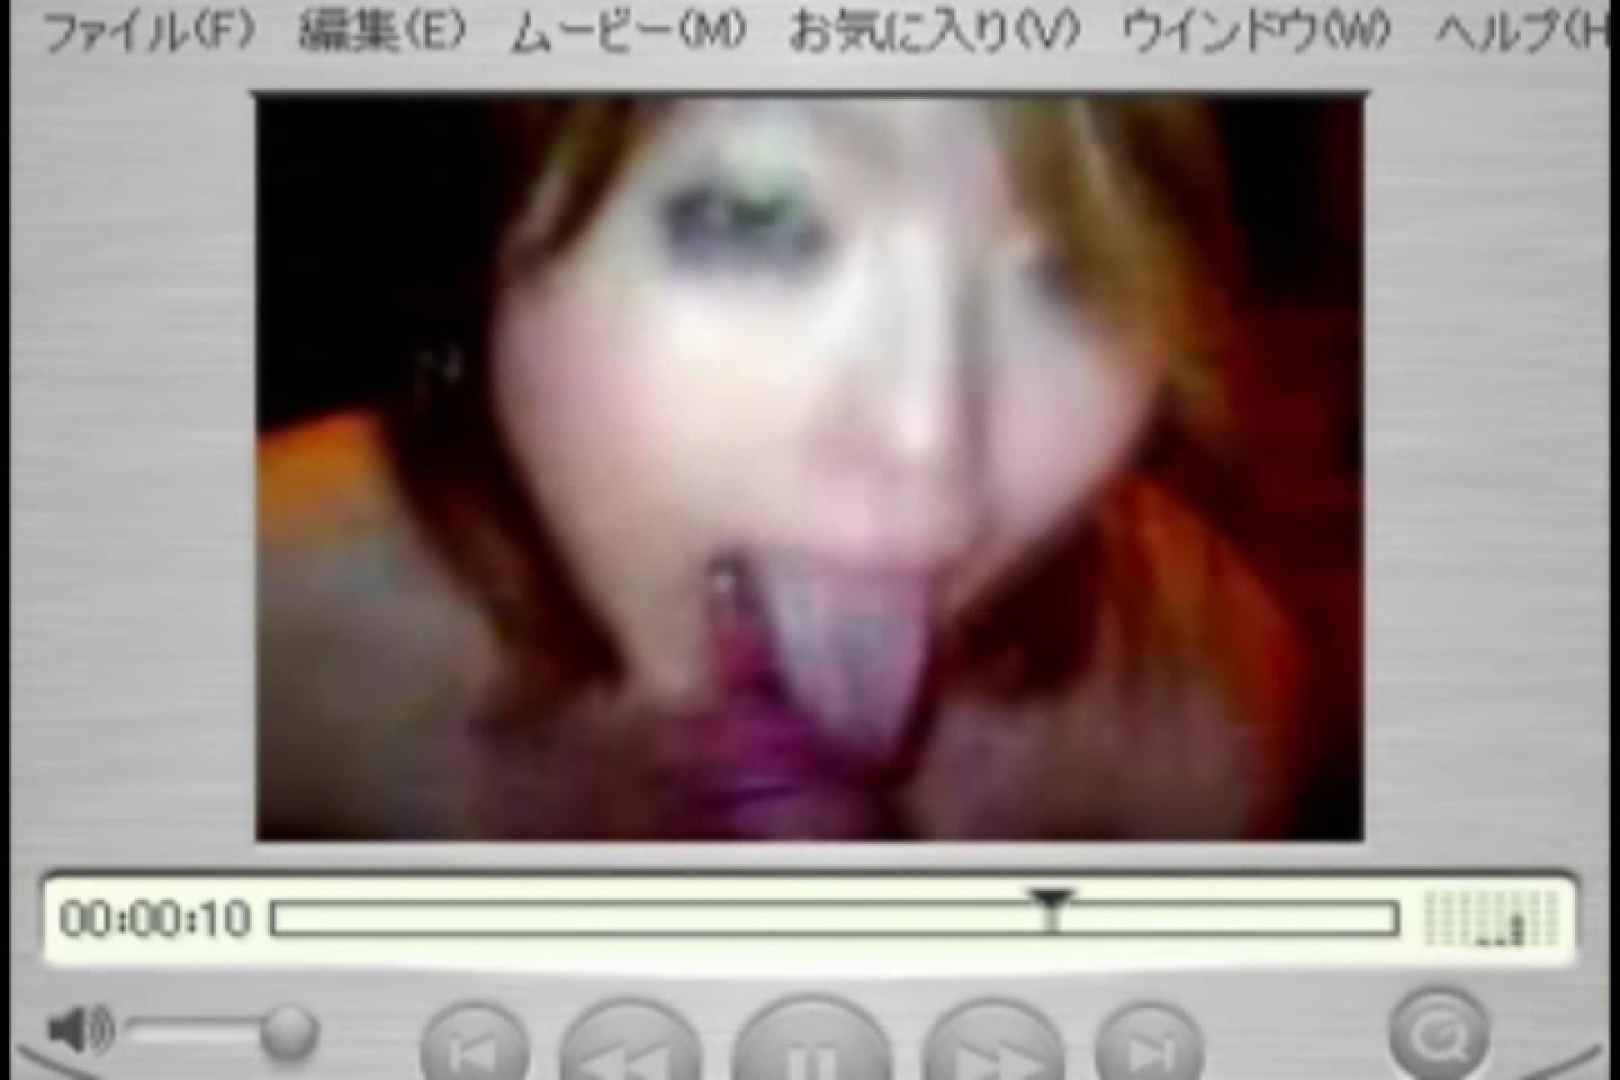 Shigeruのアルバム 覗き セックス画像 82連発 29